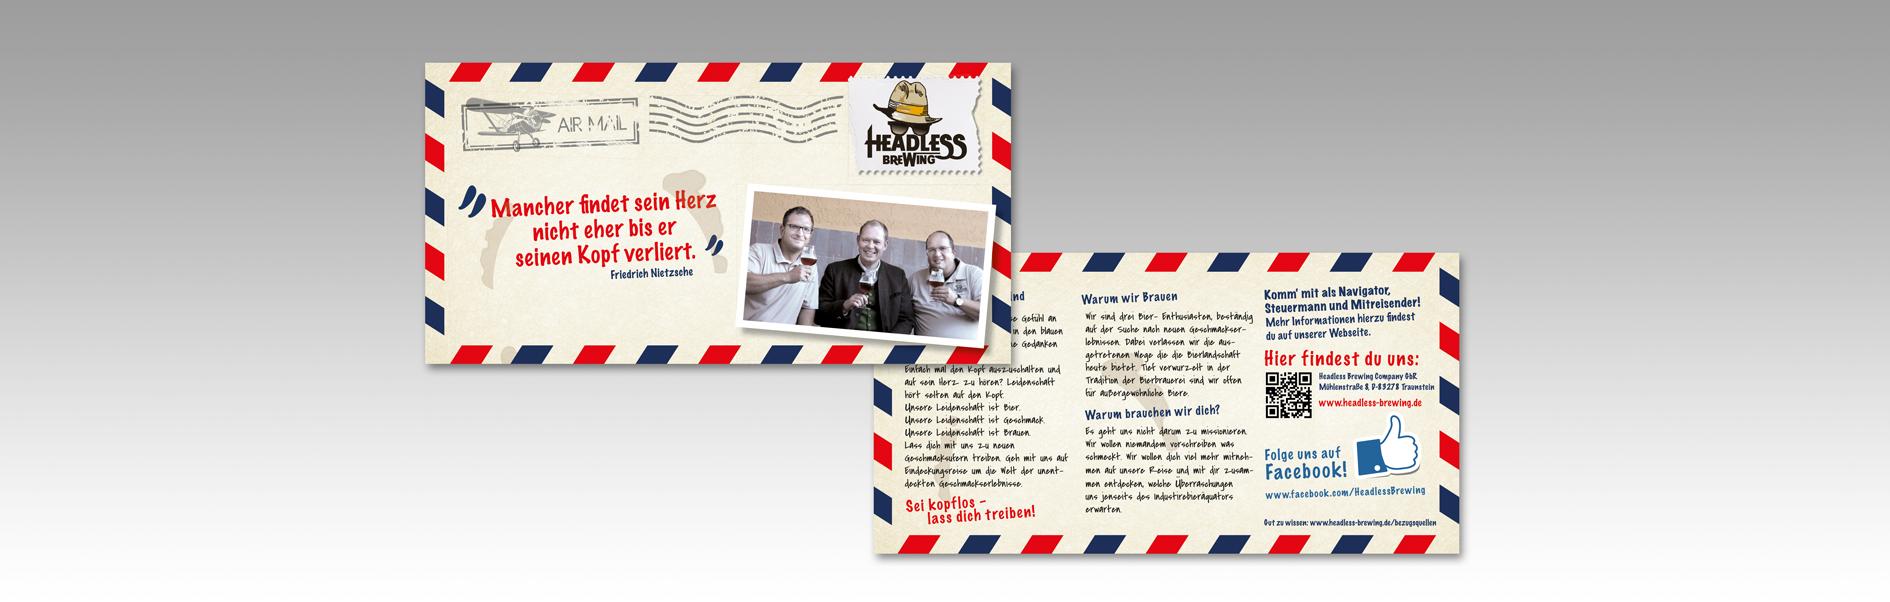 Hier ist der Flyer unseres Kunden Headless Brewing abgebildet.